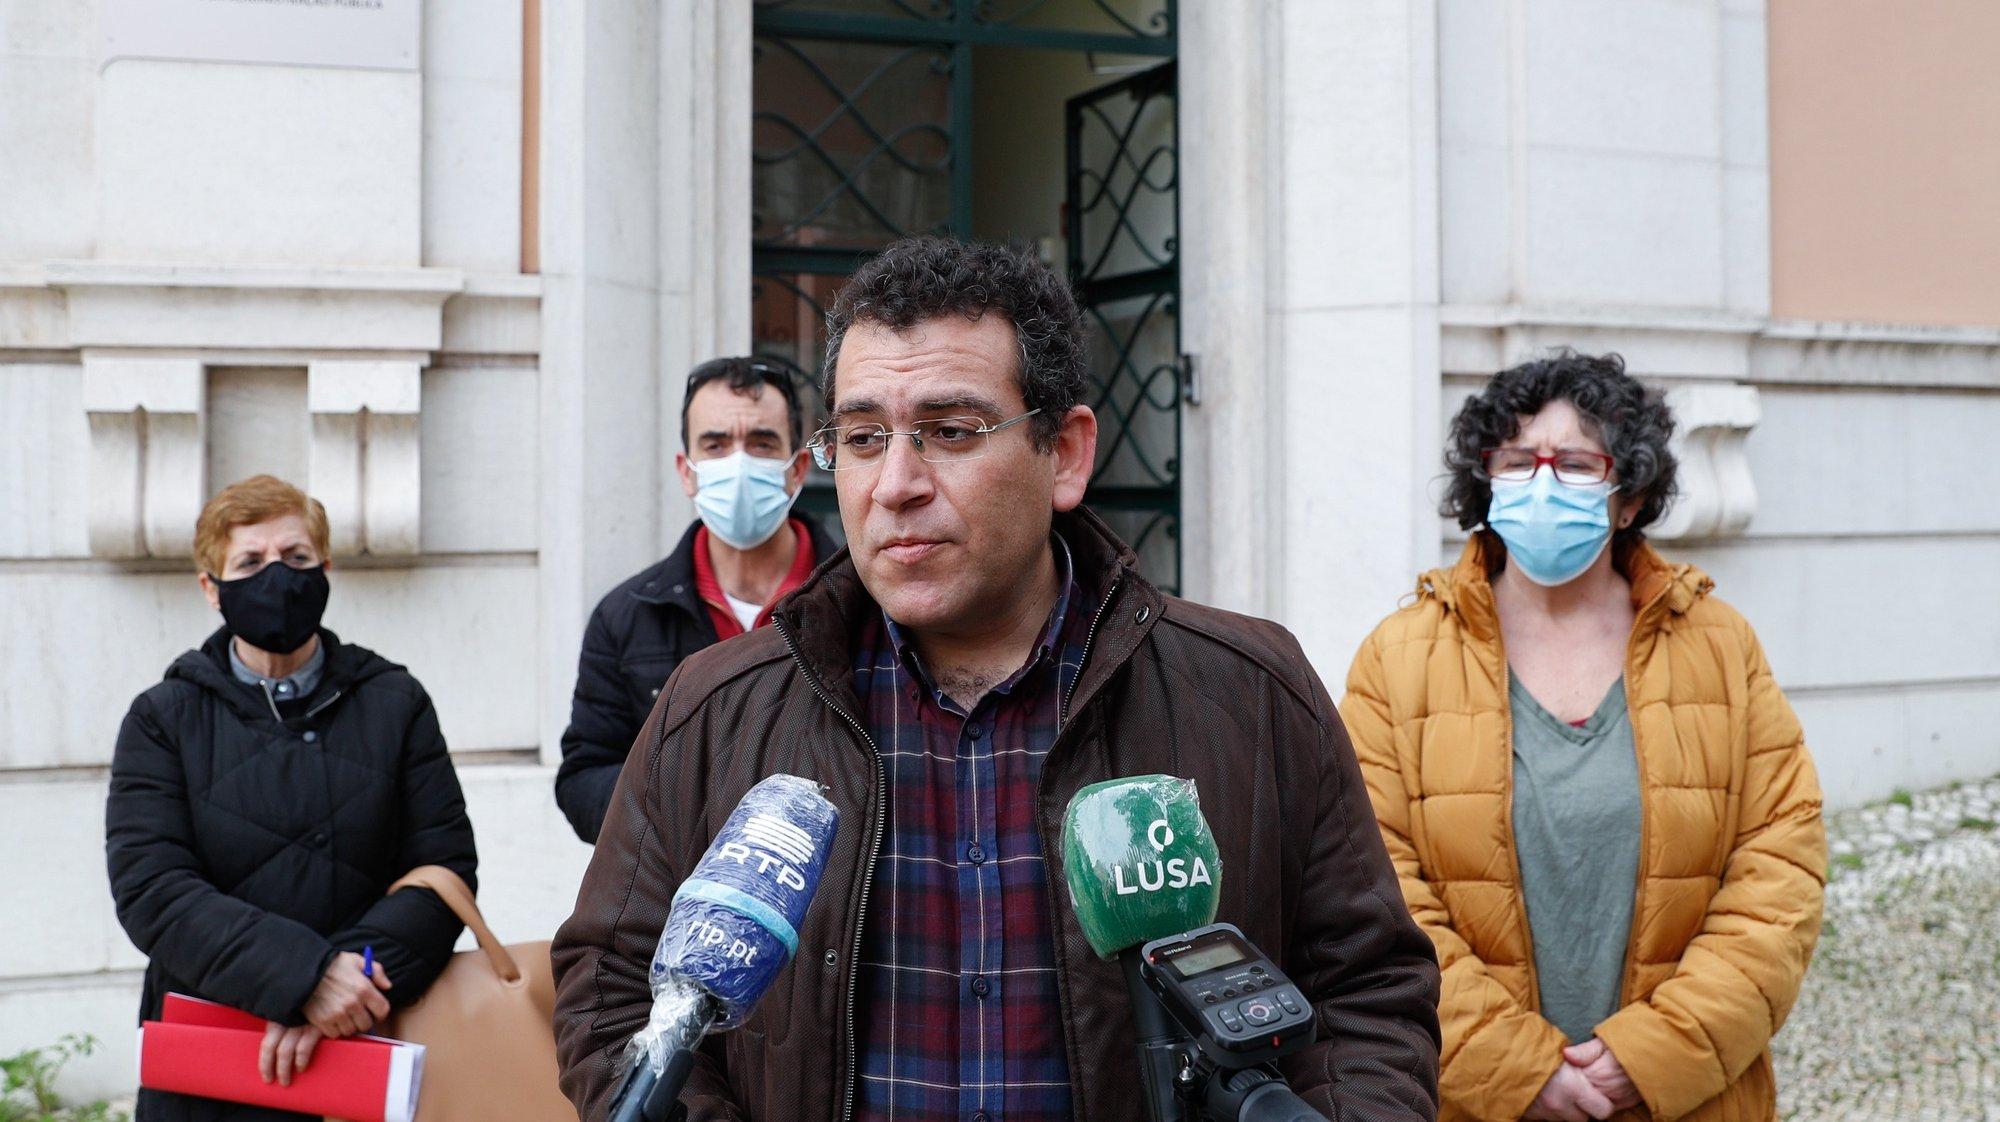 O presidente da Frente Comum dos Sindicatos da Administração Pública (FCSAP), Sebastião Santana, durante a conferência de imprensa, para divulgação das conclusões do plenário da Frente Comum realizado durante a manhã, em Lisboa, 19 de fevereiro de 2021. ANTÓNIO COTRIM/LUSA